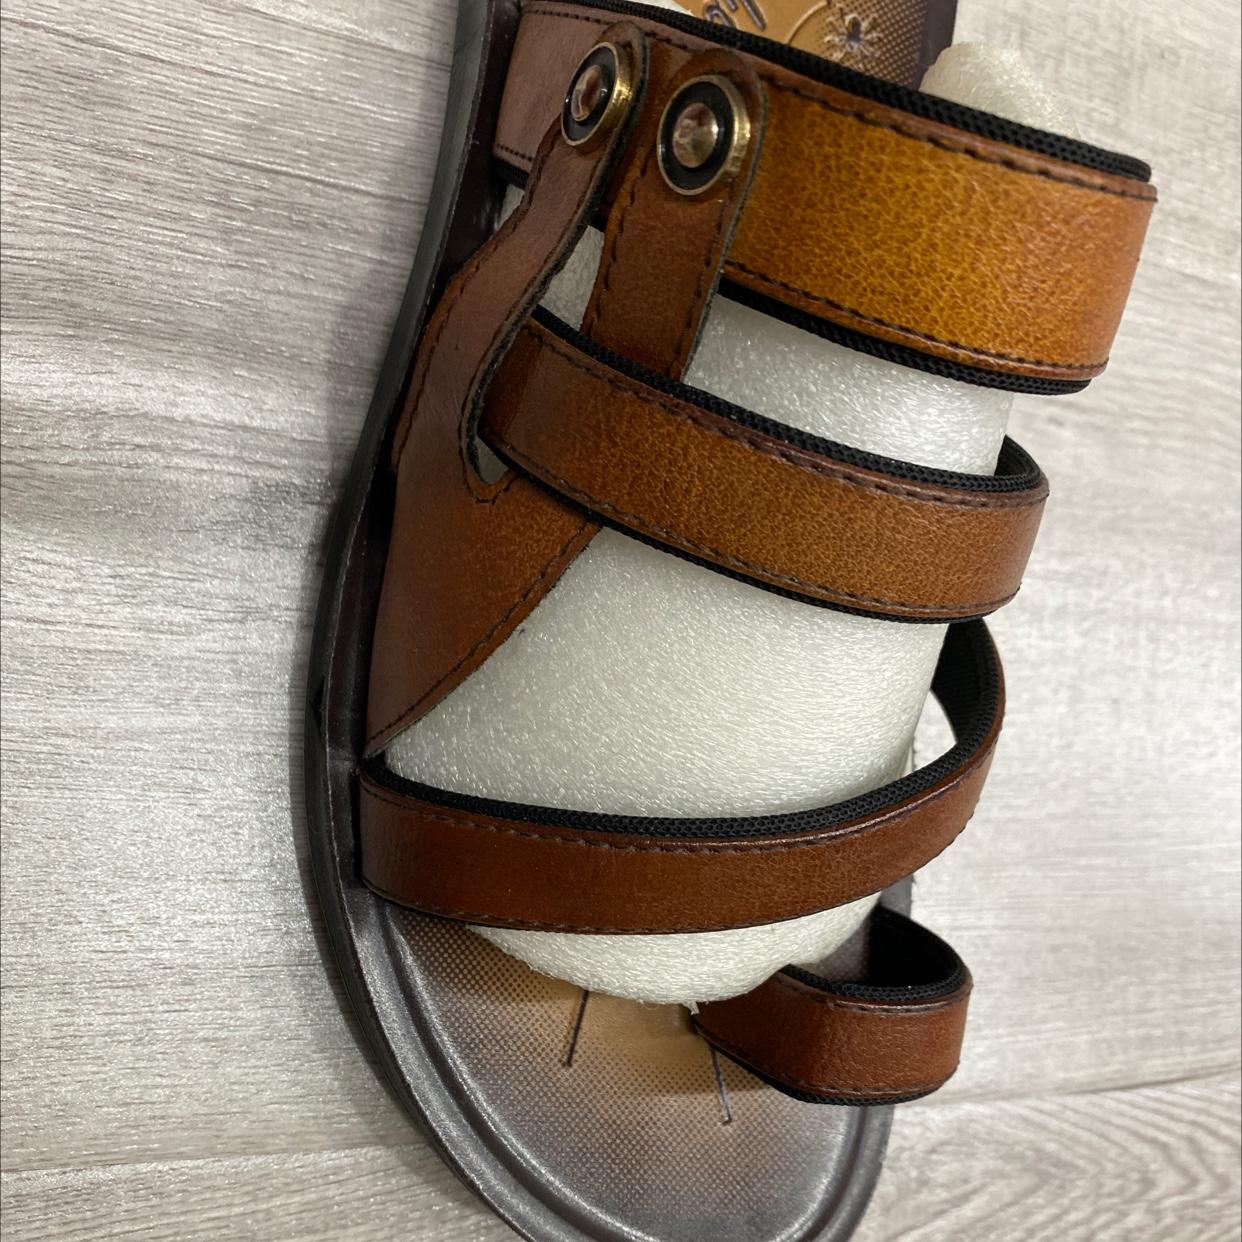 2021新款夏季男士凉鞋休闲沙滩鞋男外穿凉拖鞋男两用软底男式凉拖鞋40